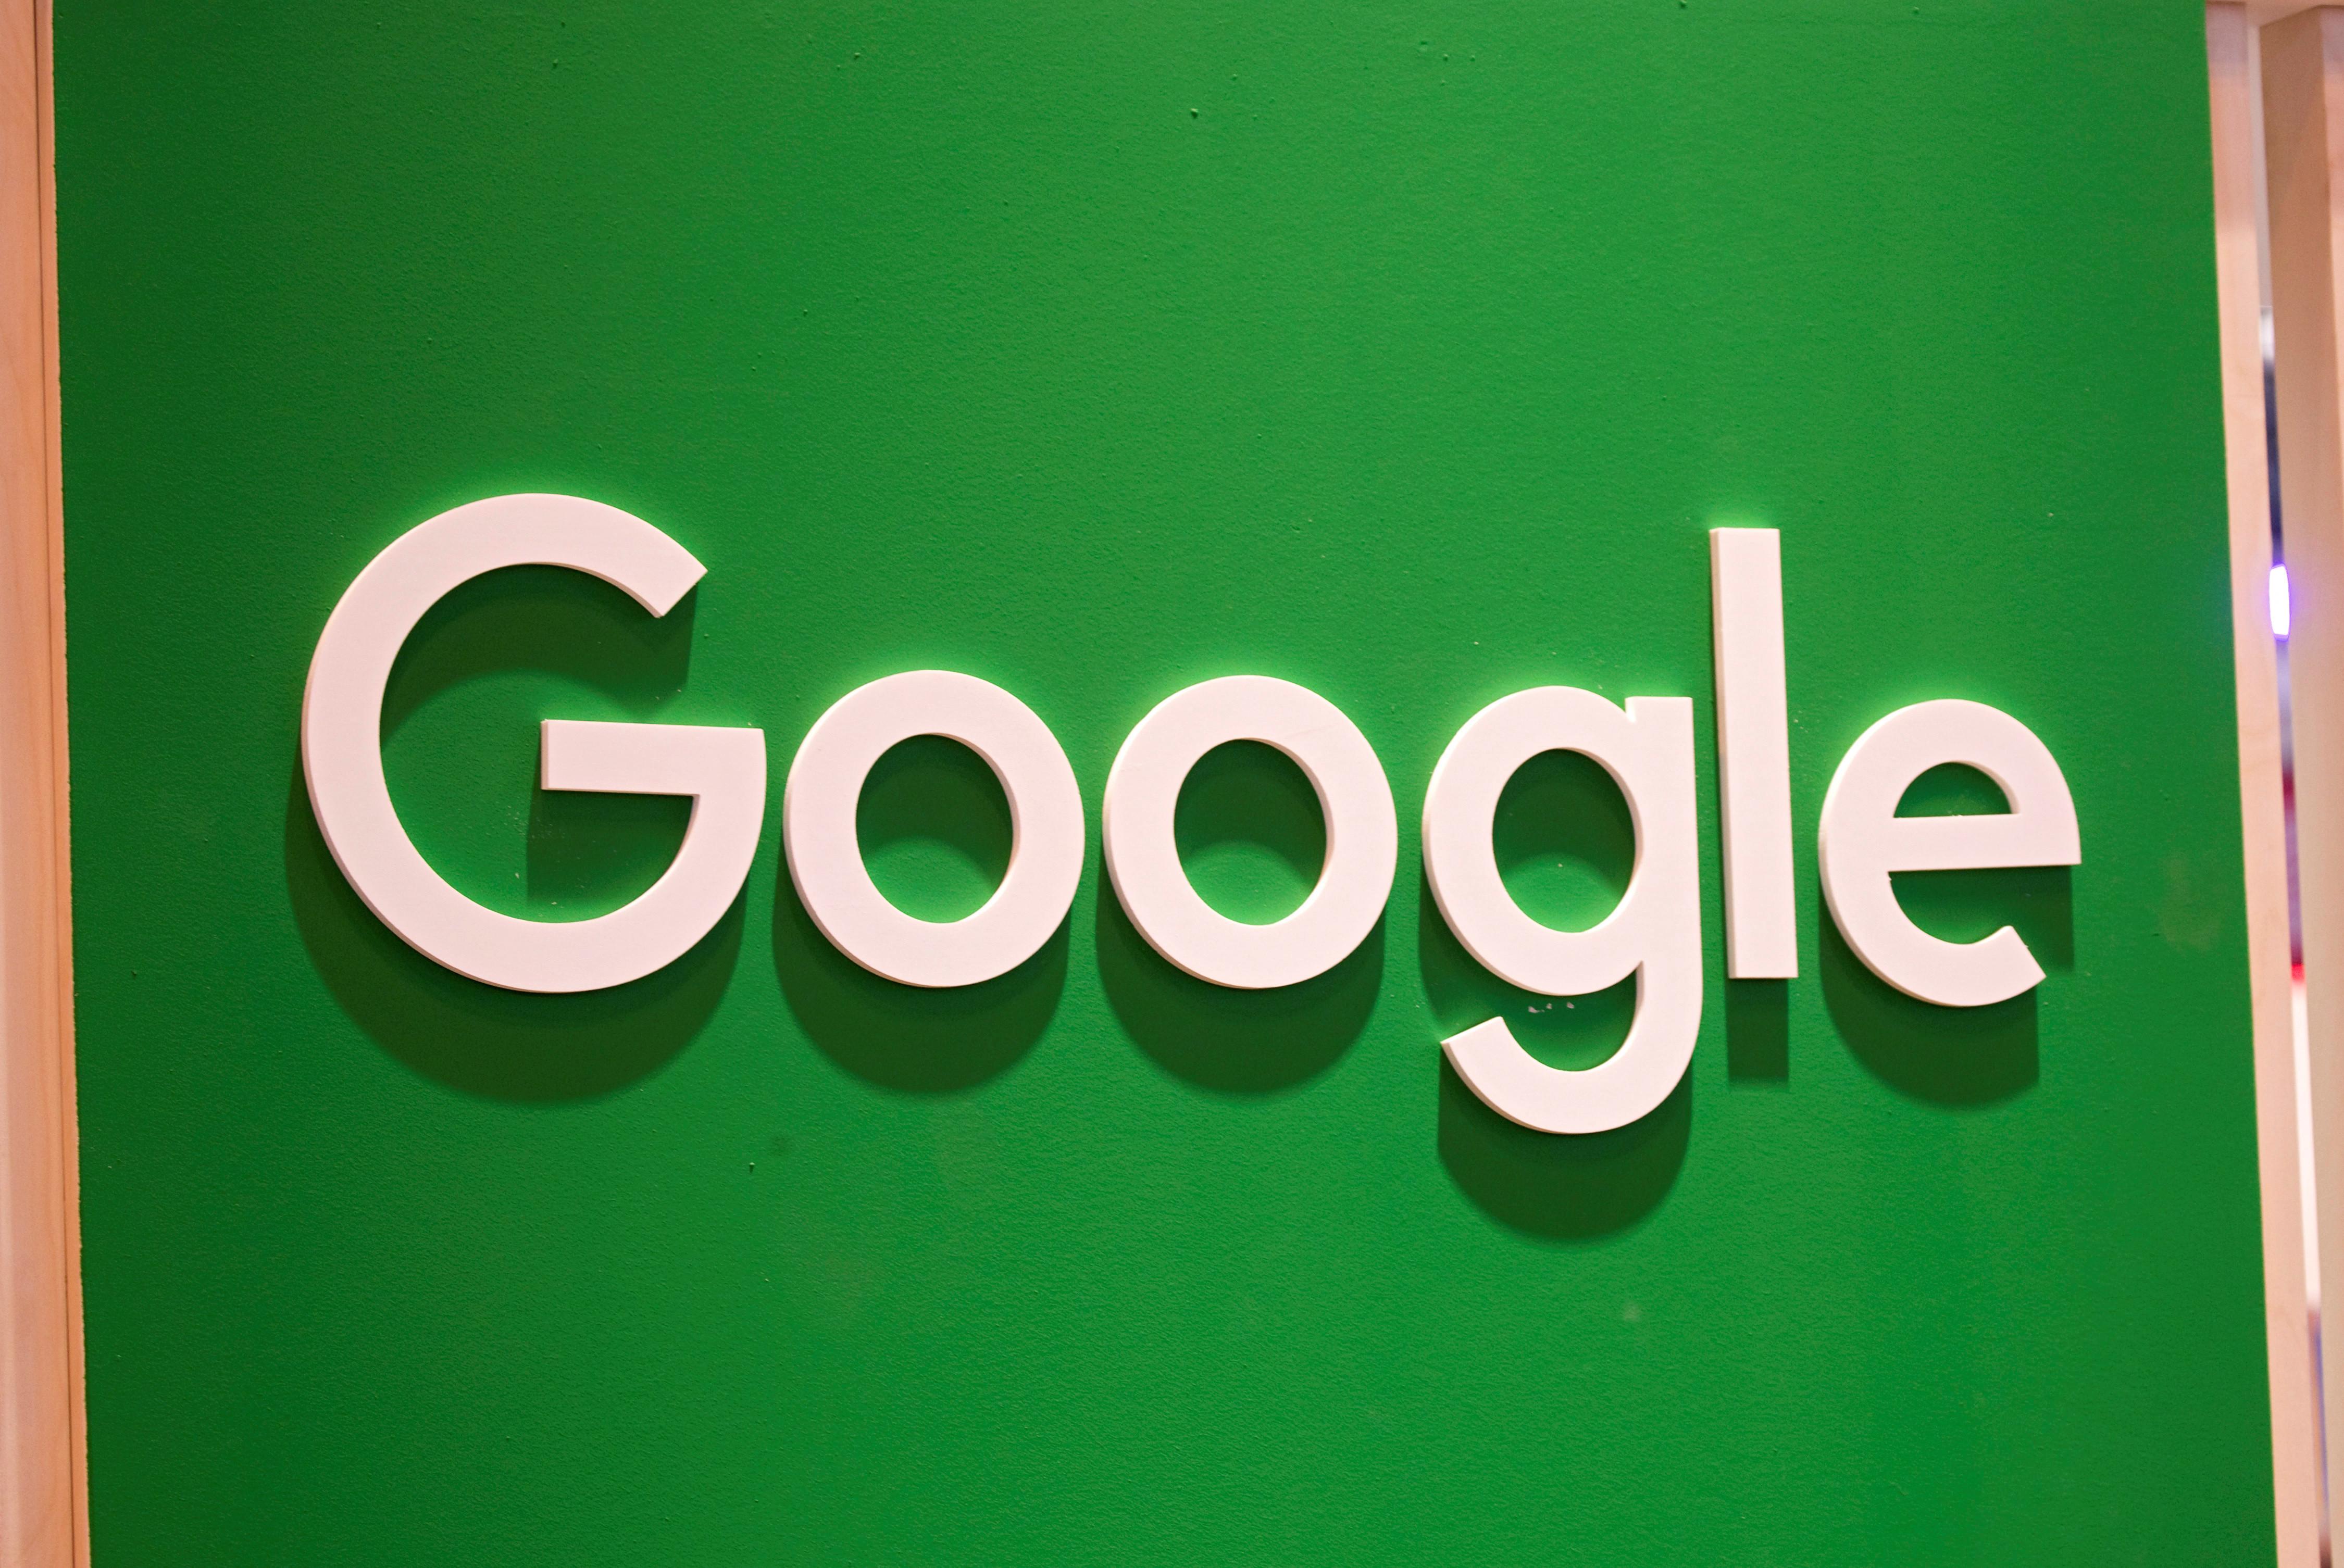 Confia no modo Anónimo do Google? Relatório pode fazê-lo mudar de ideias